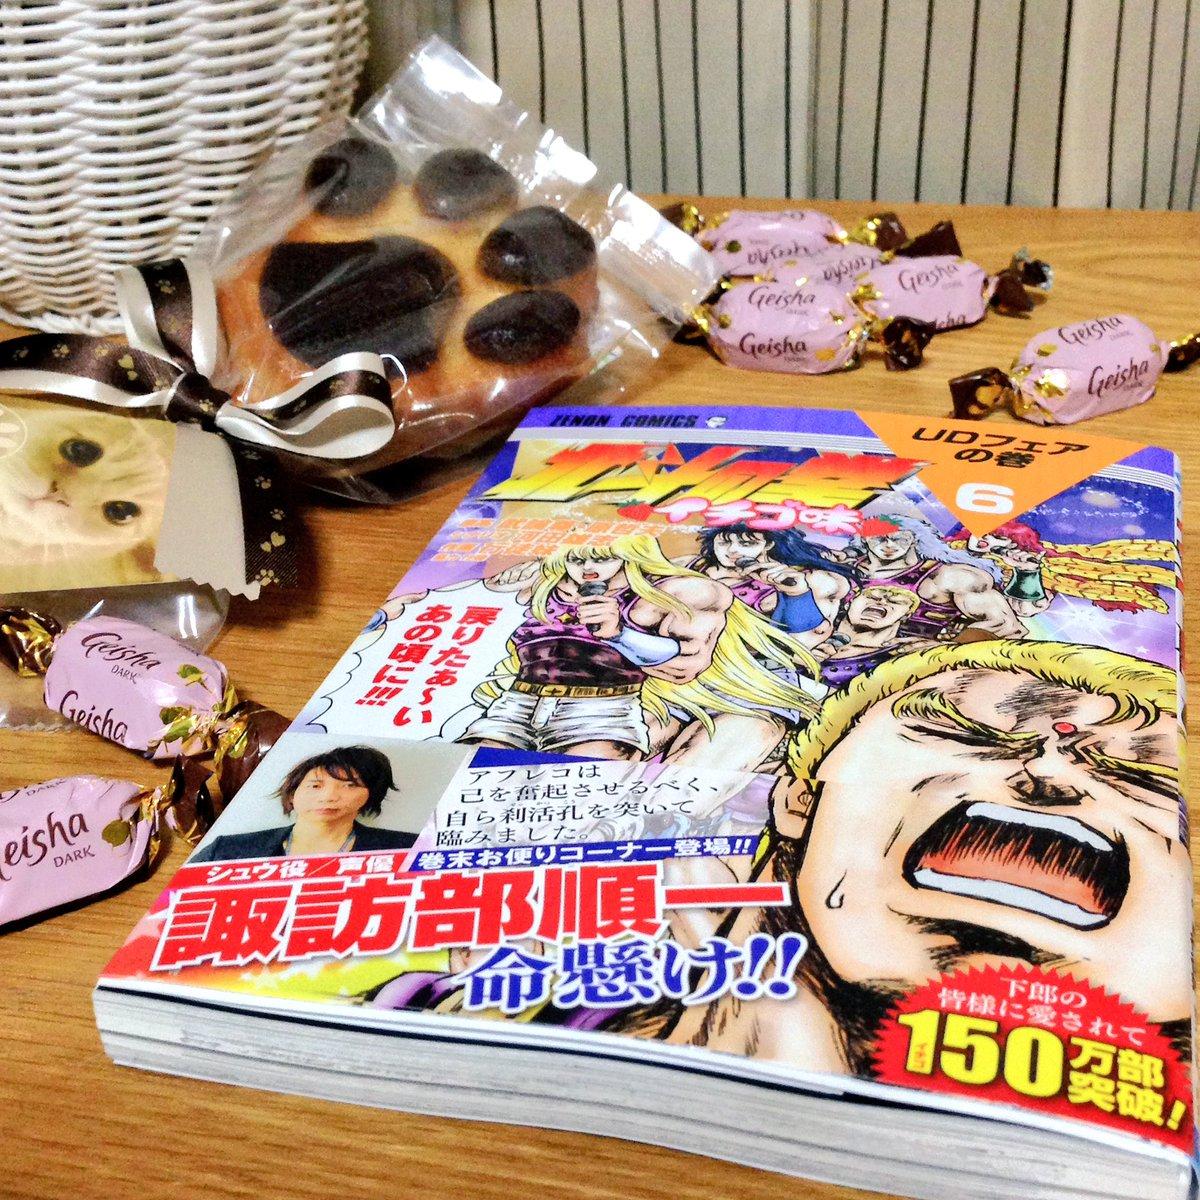 ひょんなことから今宵も開通しているし穴(^ν^)なかよくしてね!よろしくね!北斗の拳イチゴ味、やっと6巻を読み終えたよ!